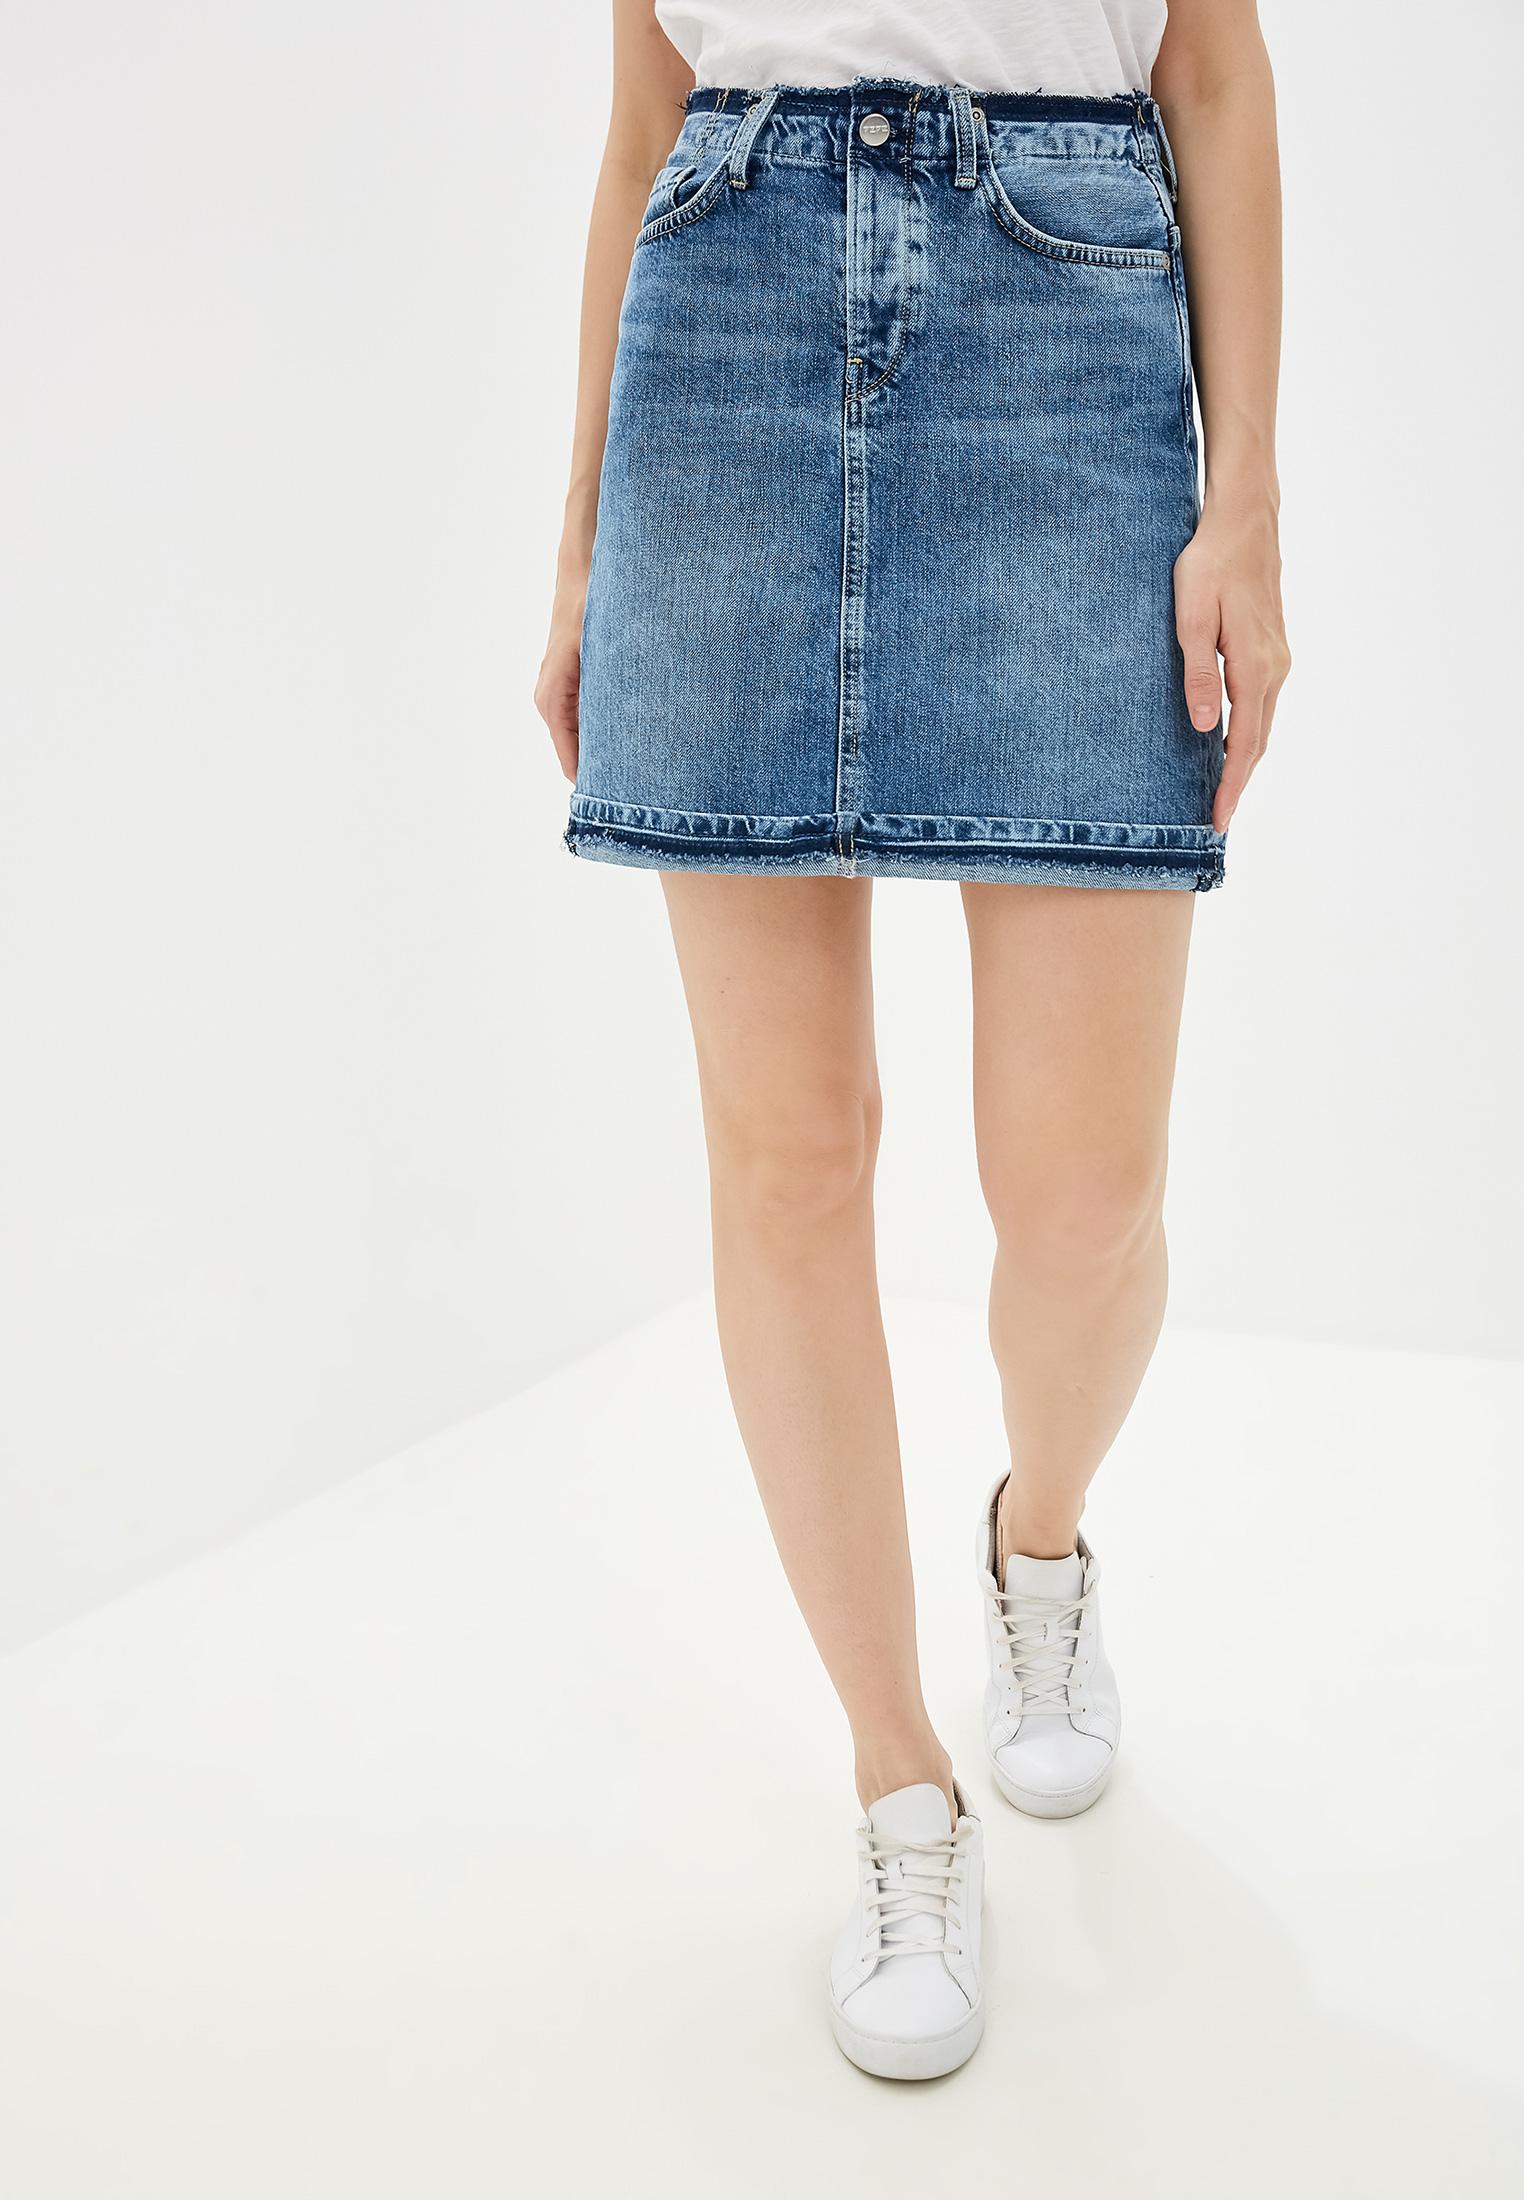 Джинсовая юбка Pepe Jeans (Пепе Джинс) PL900820